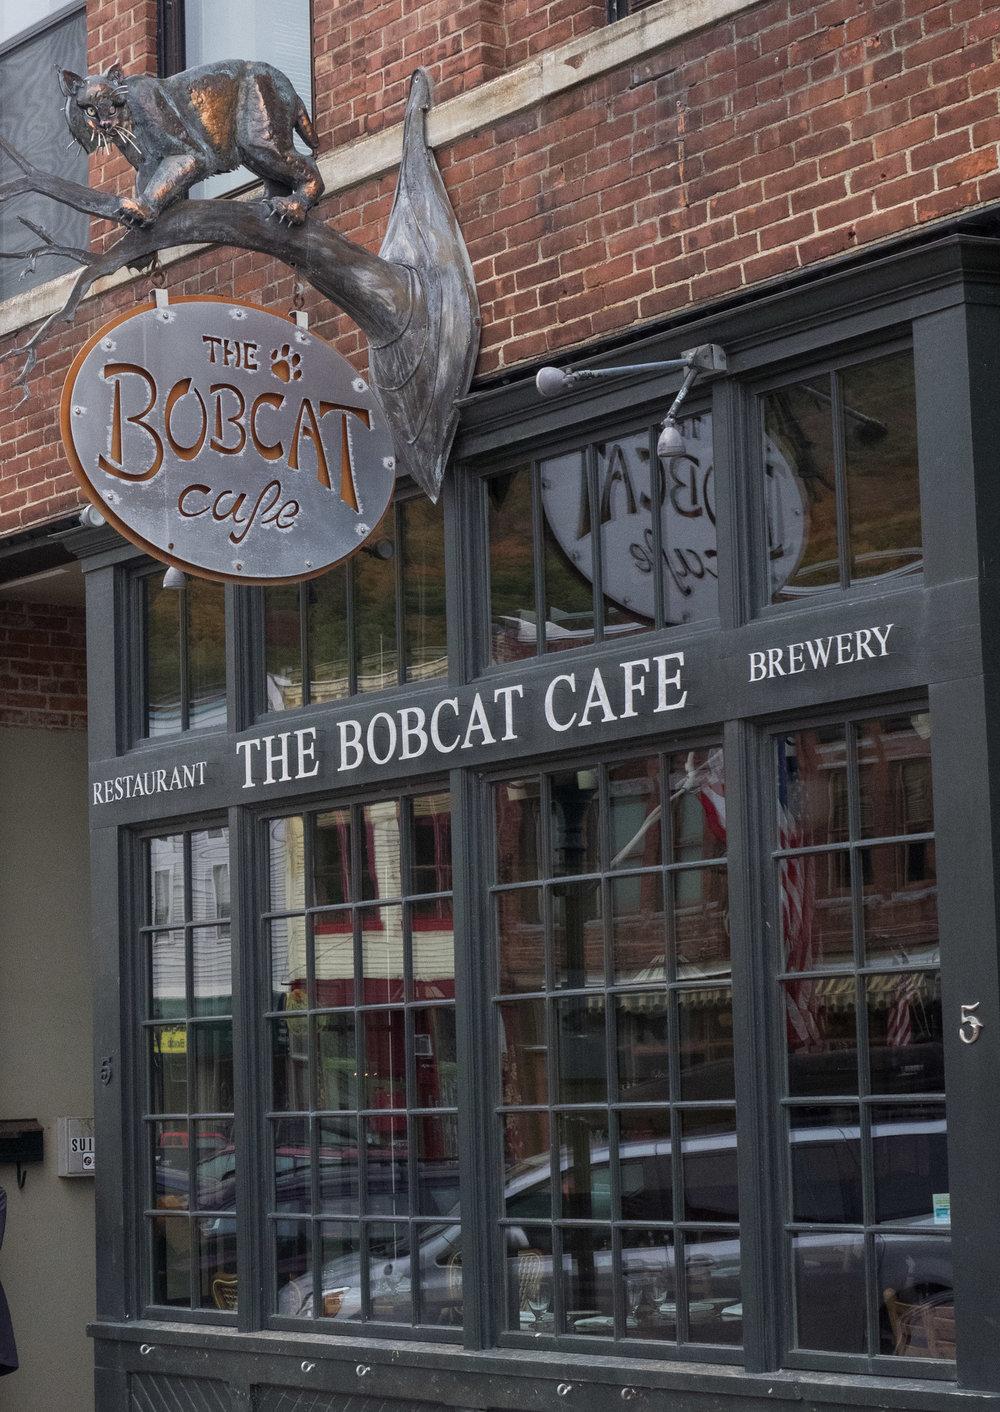 Bobcat Cafe